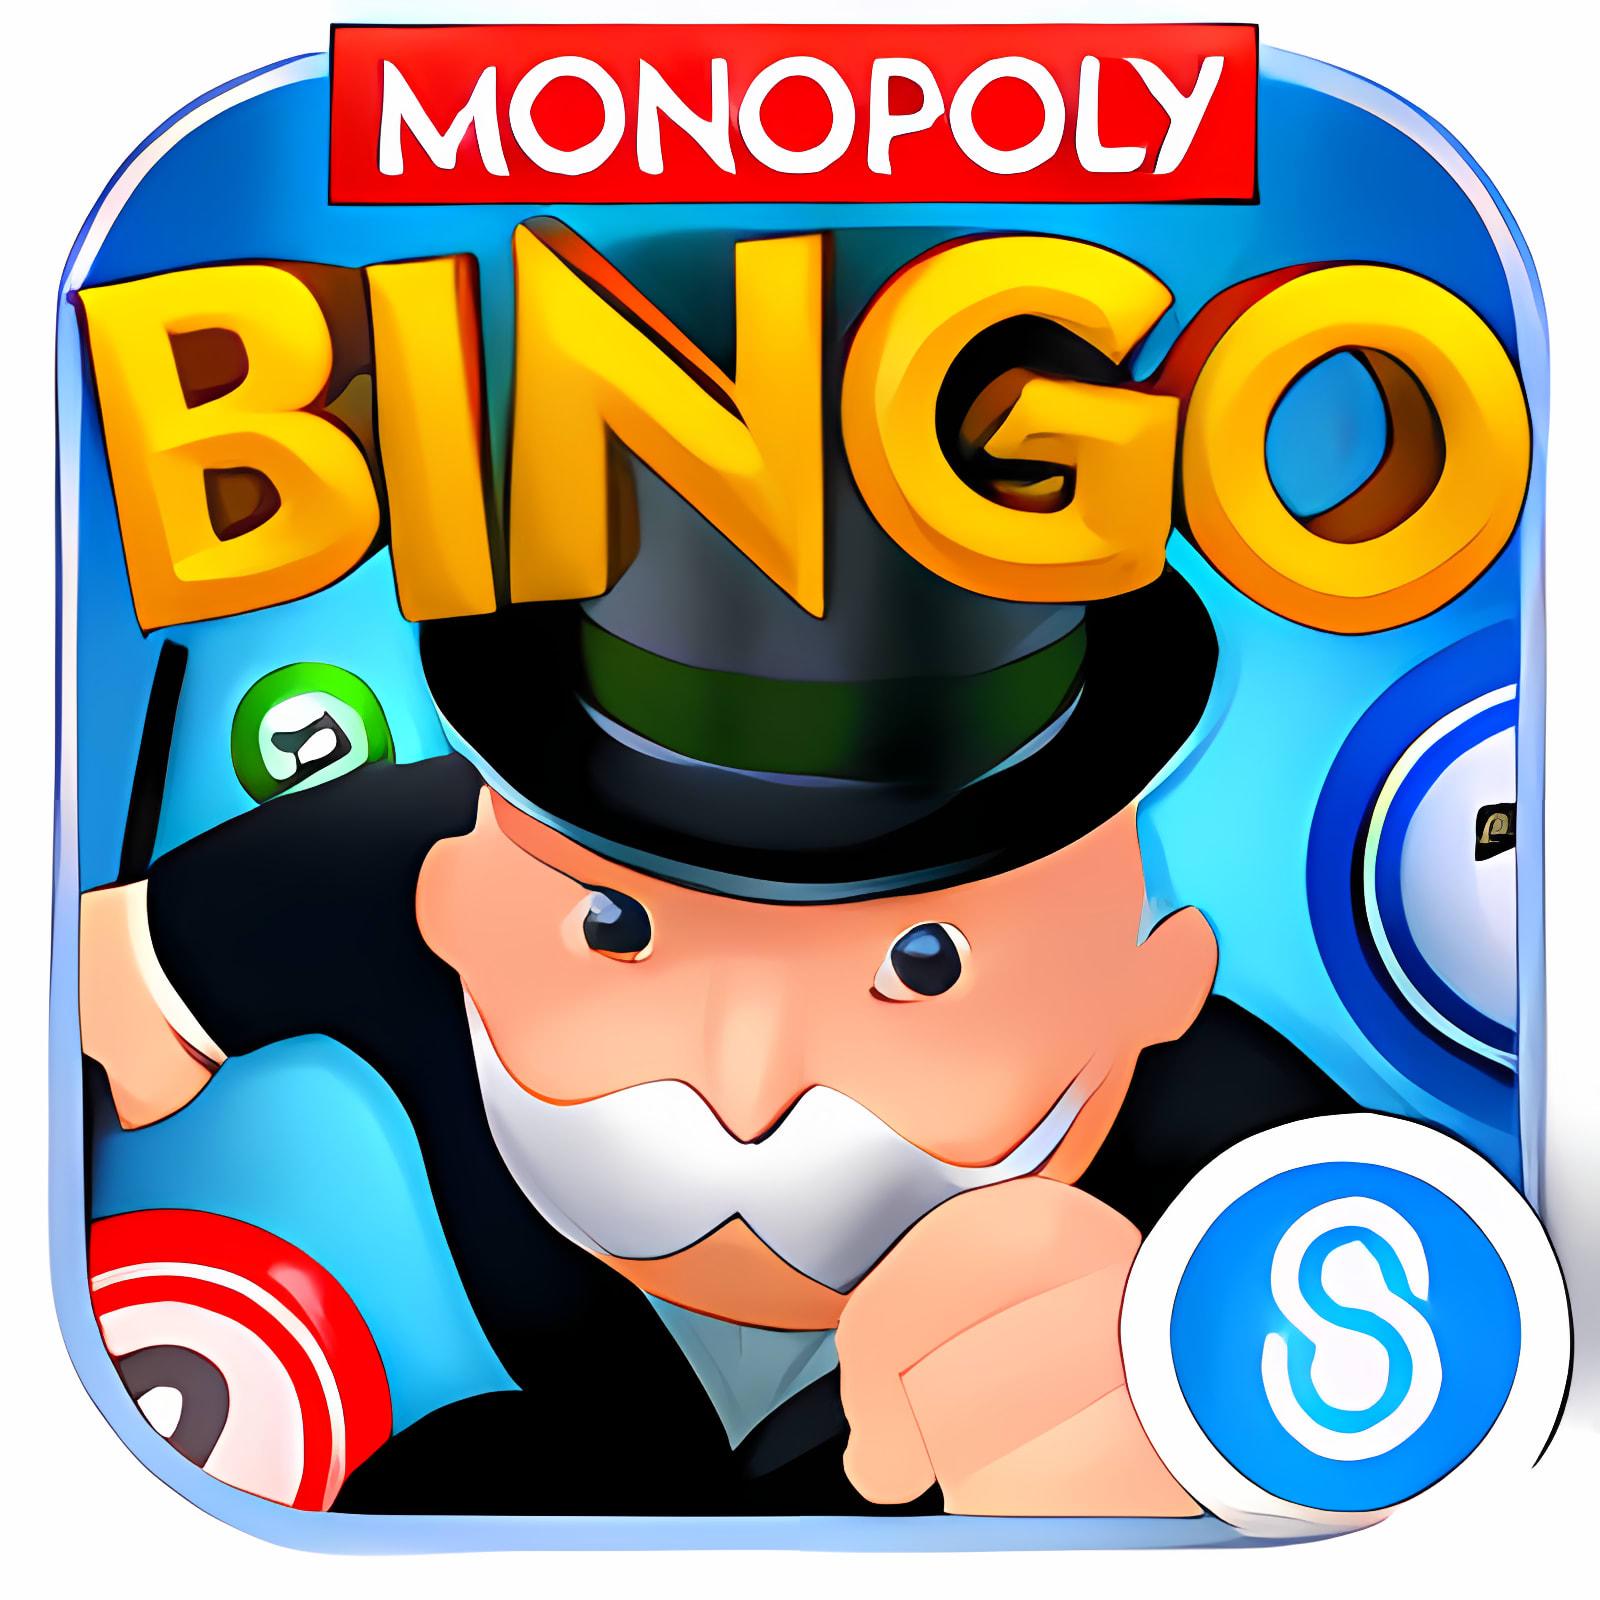 MONOPOLY Bingo! 1.7.8